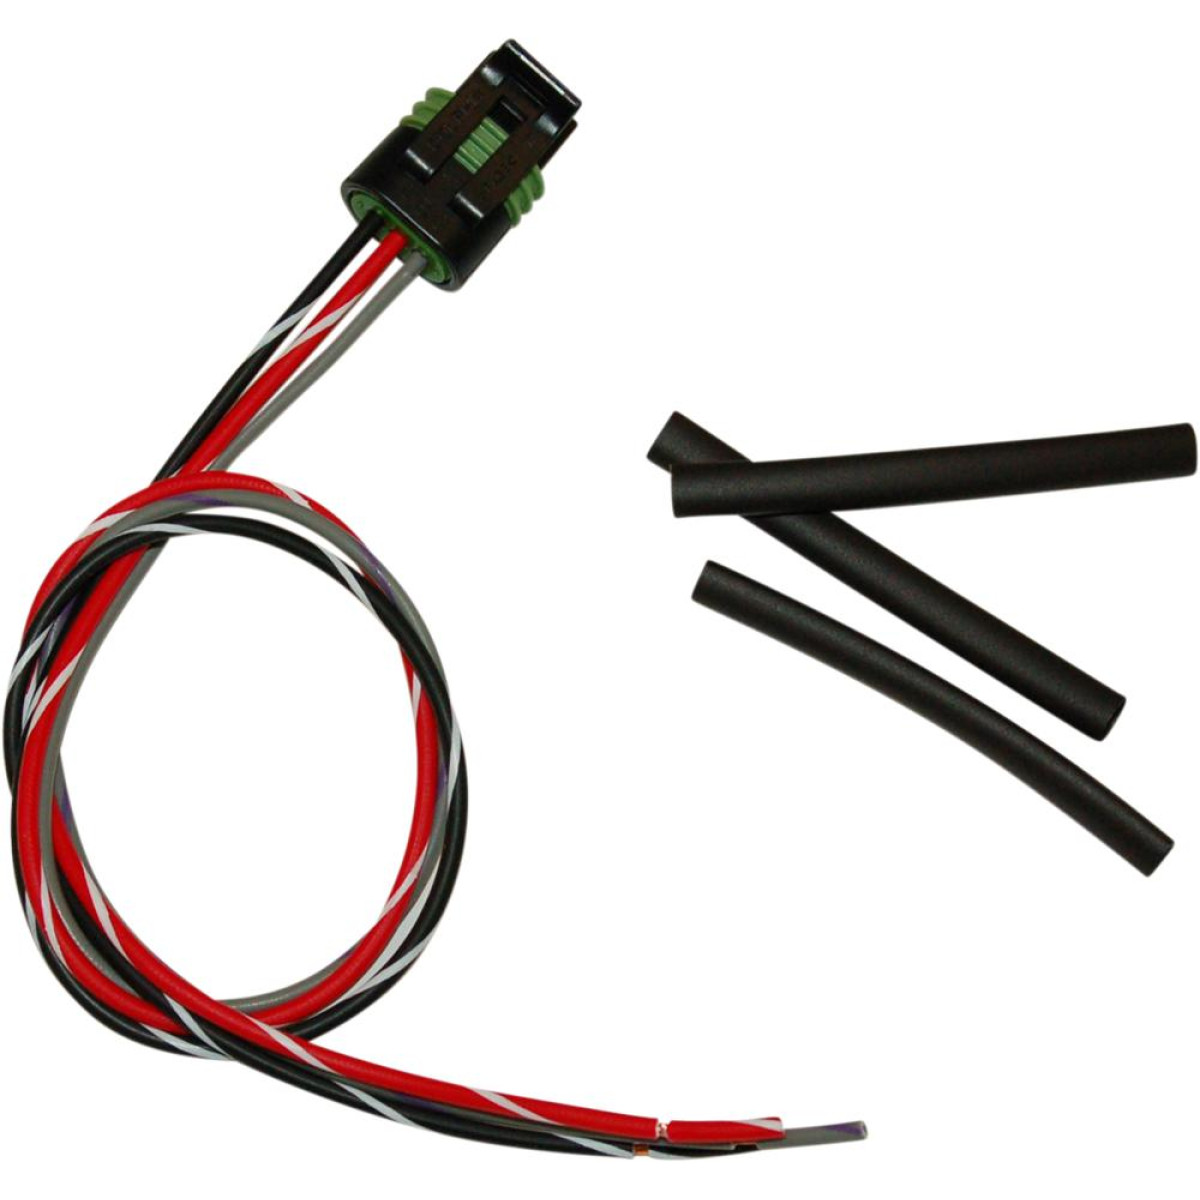 Namz Delphi Pigtail Connector 2 Position Plug For Throttle Pigtails Electrical Wiring Sensor 1995 2005 Models